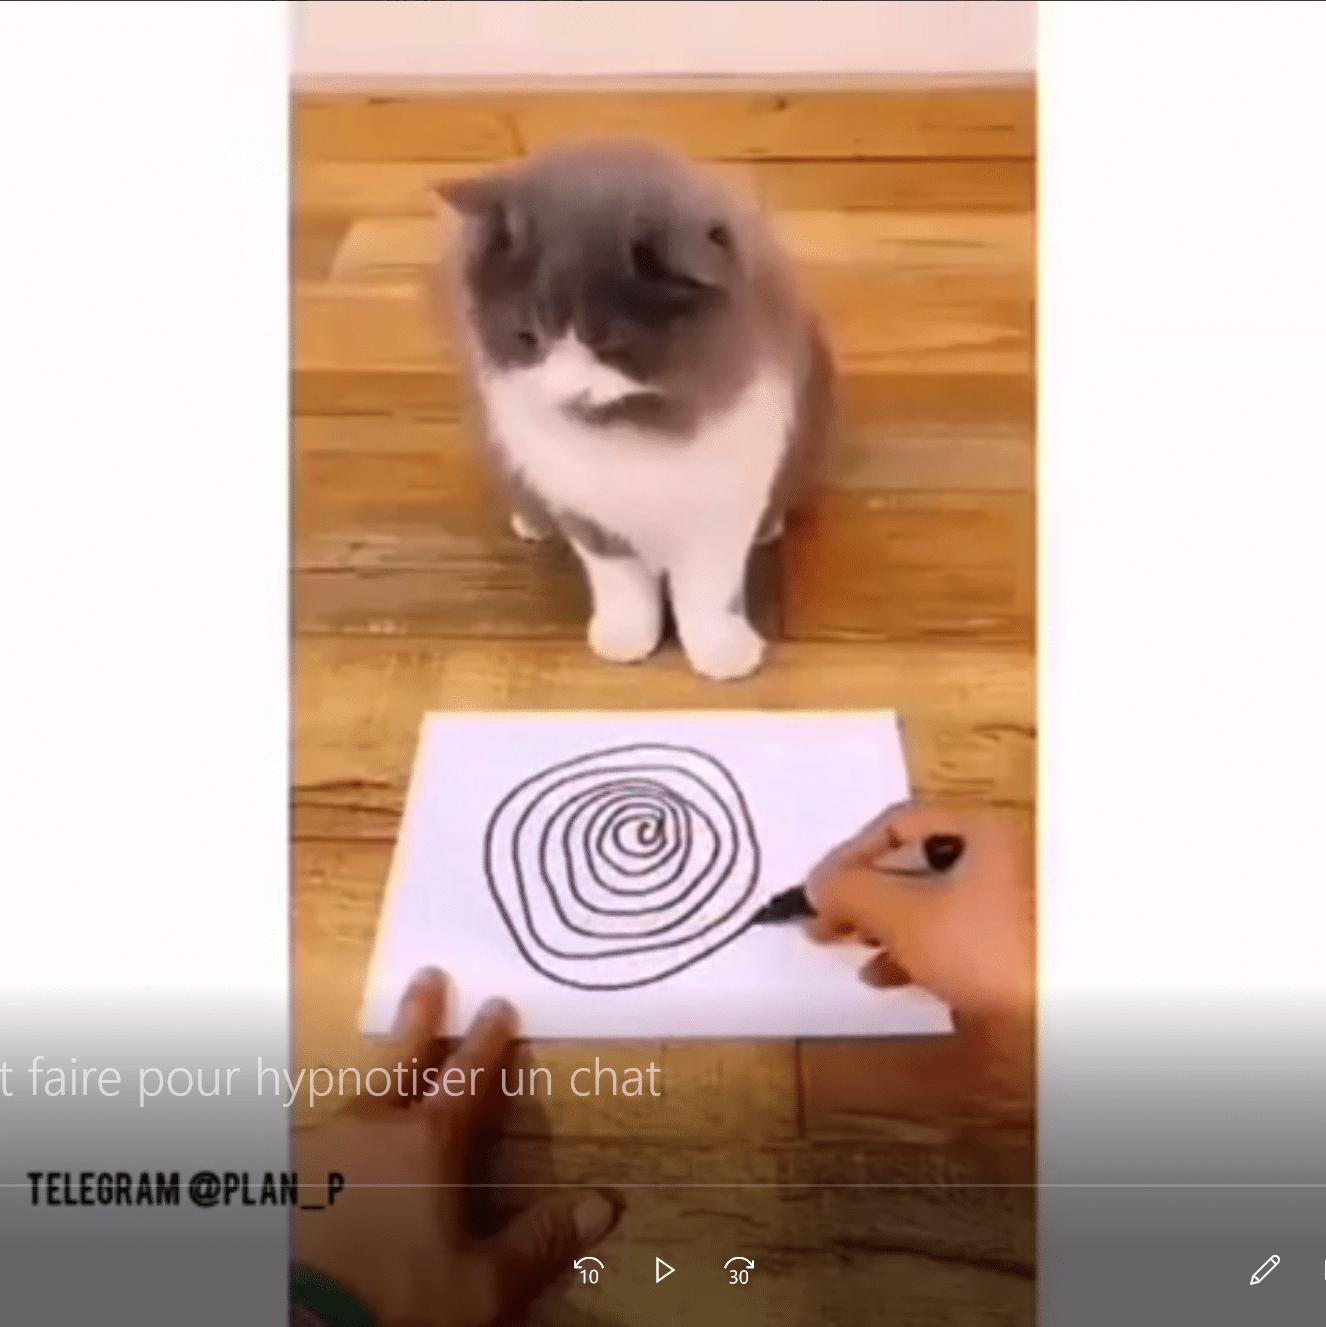 Comment faire pour hypnotiser un chat